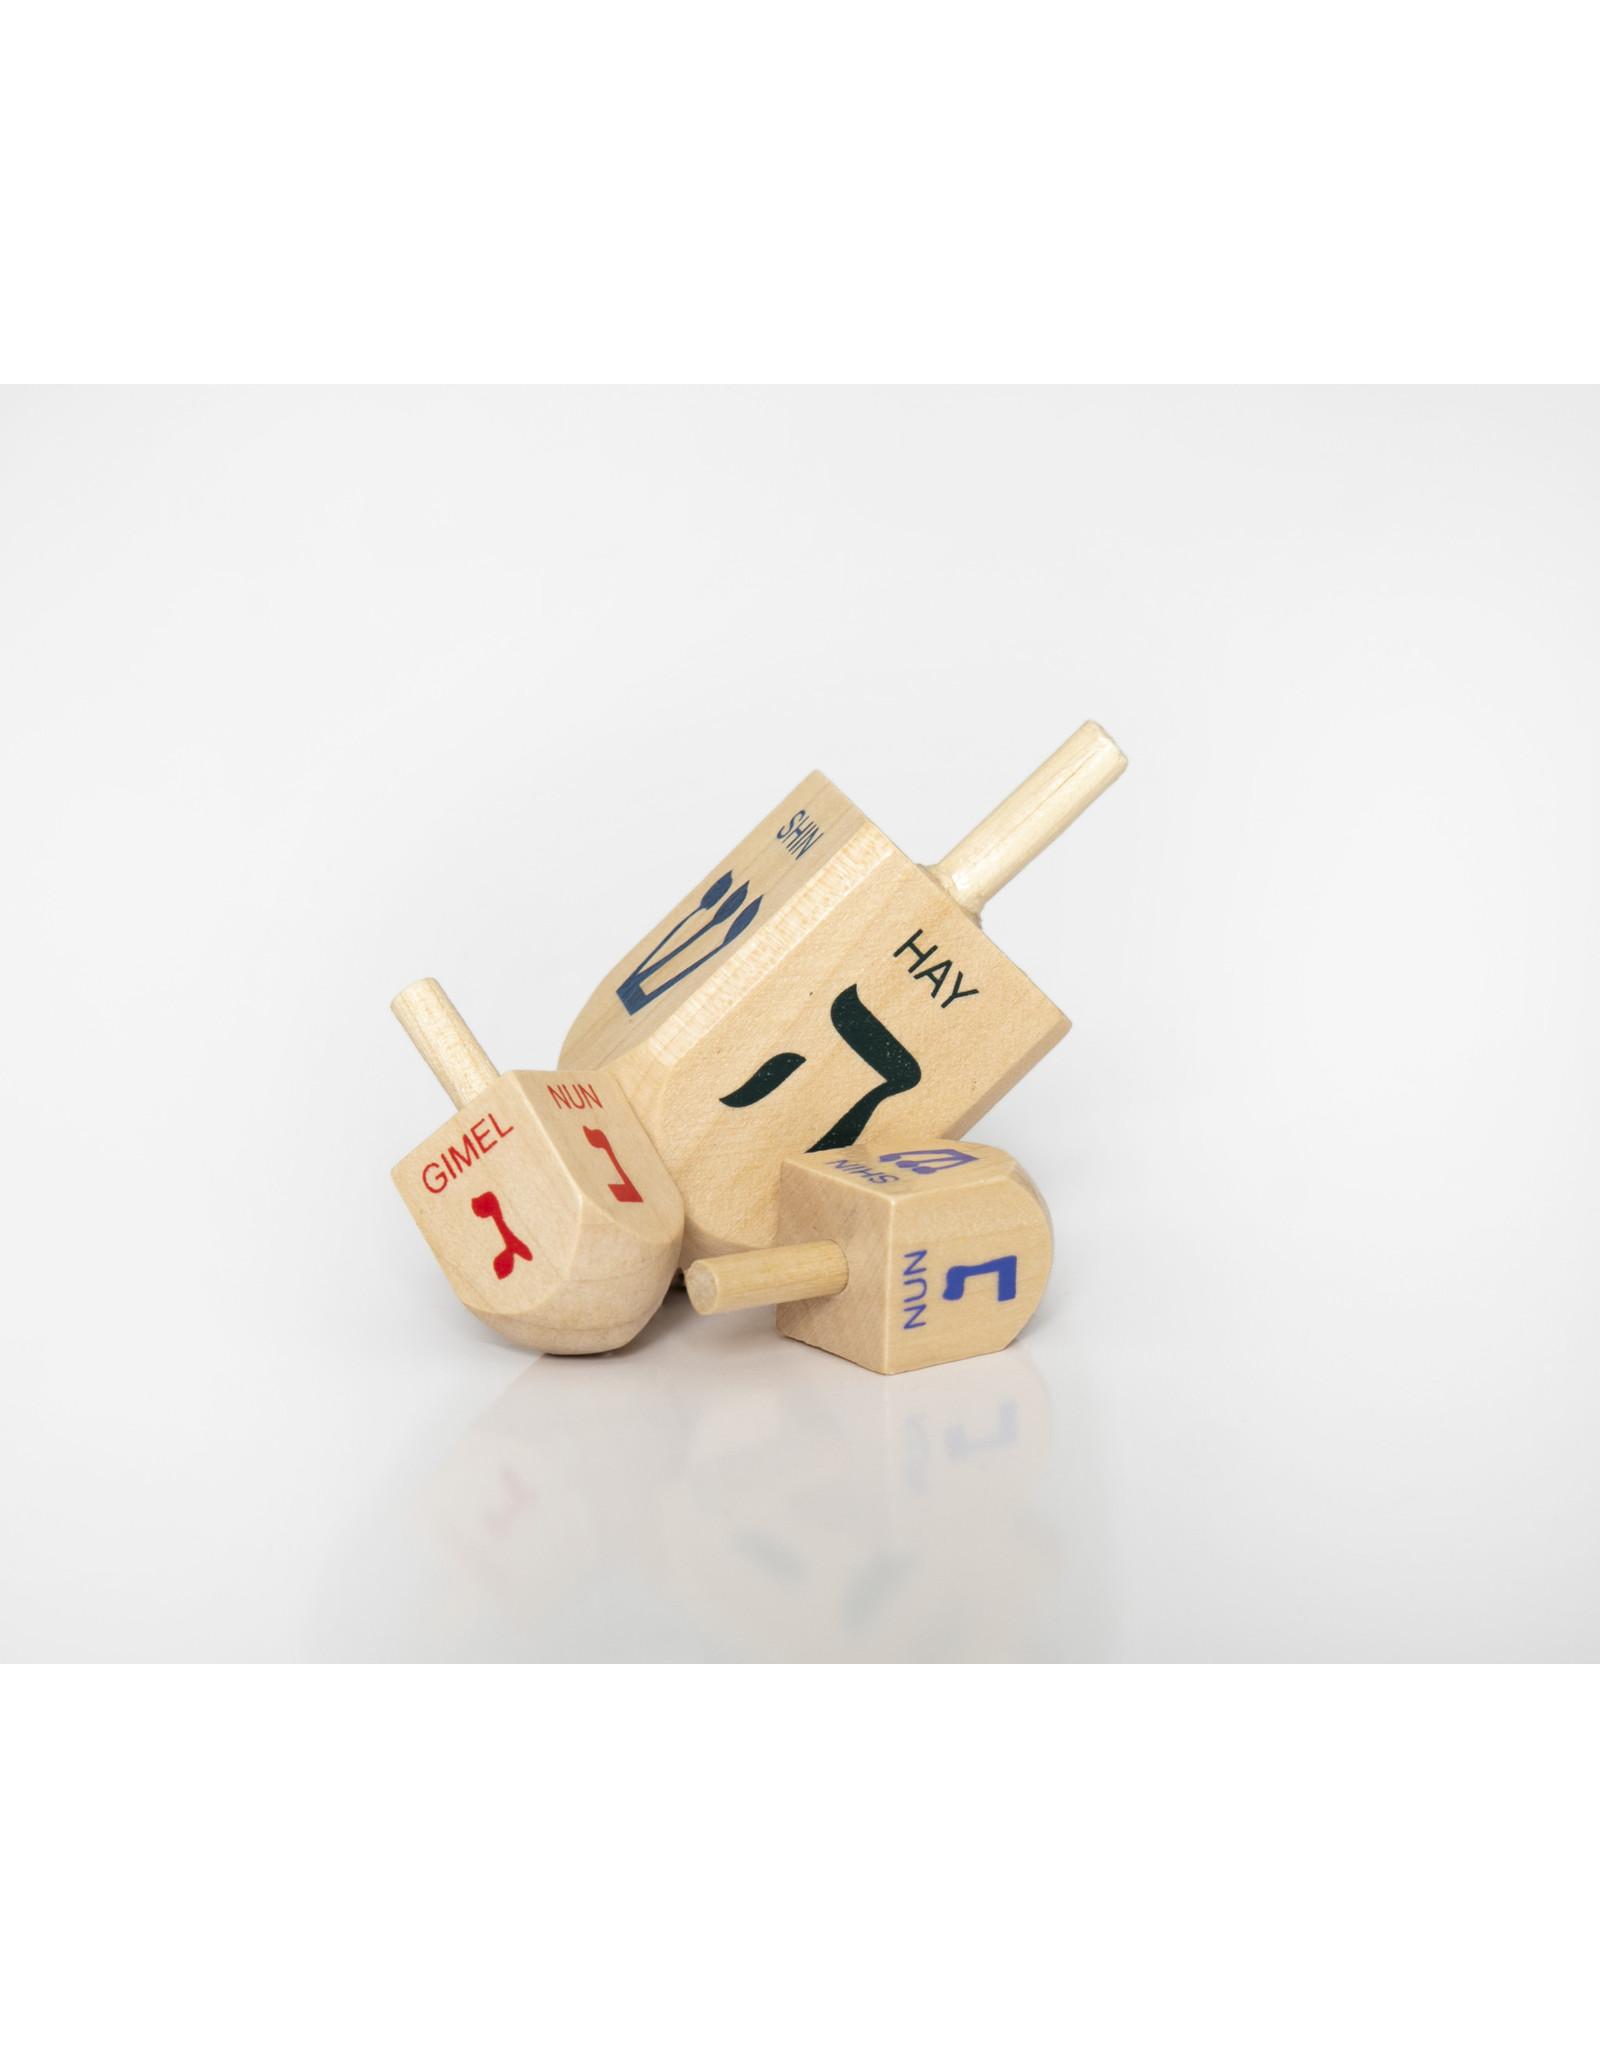 Small wooden dreidels